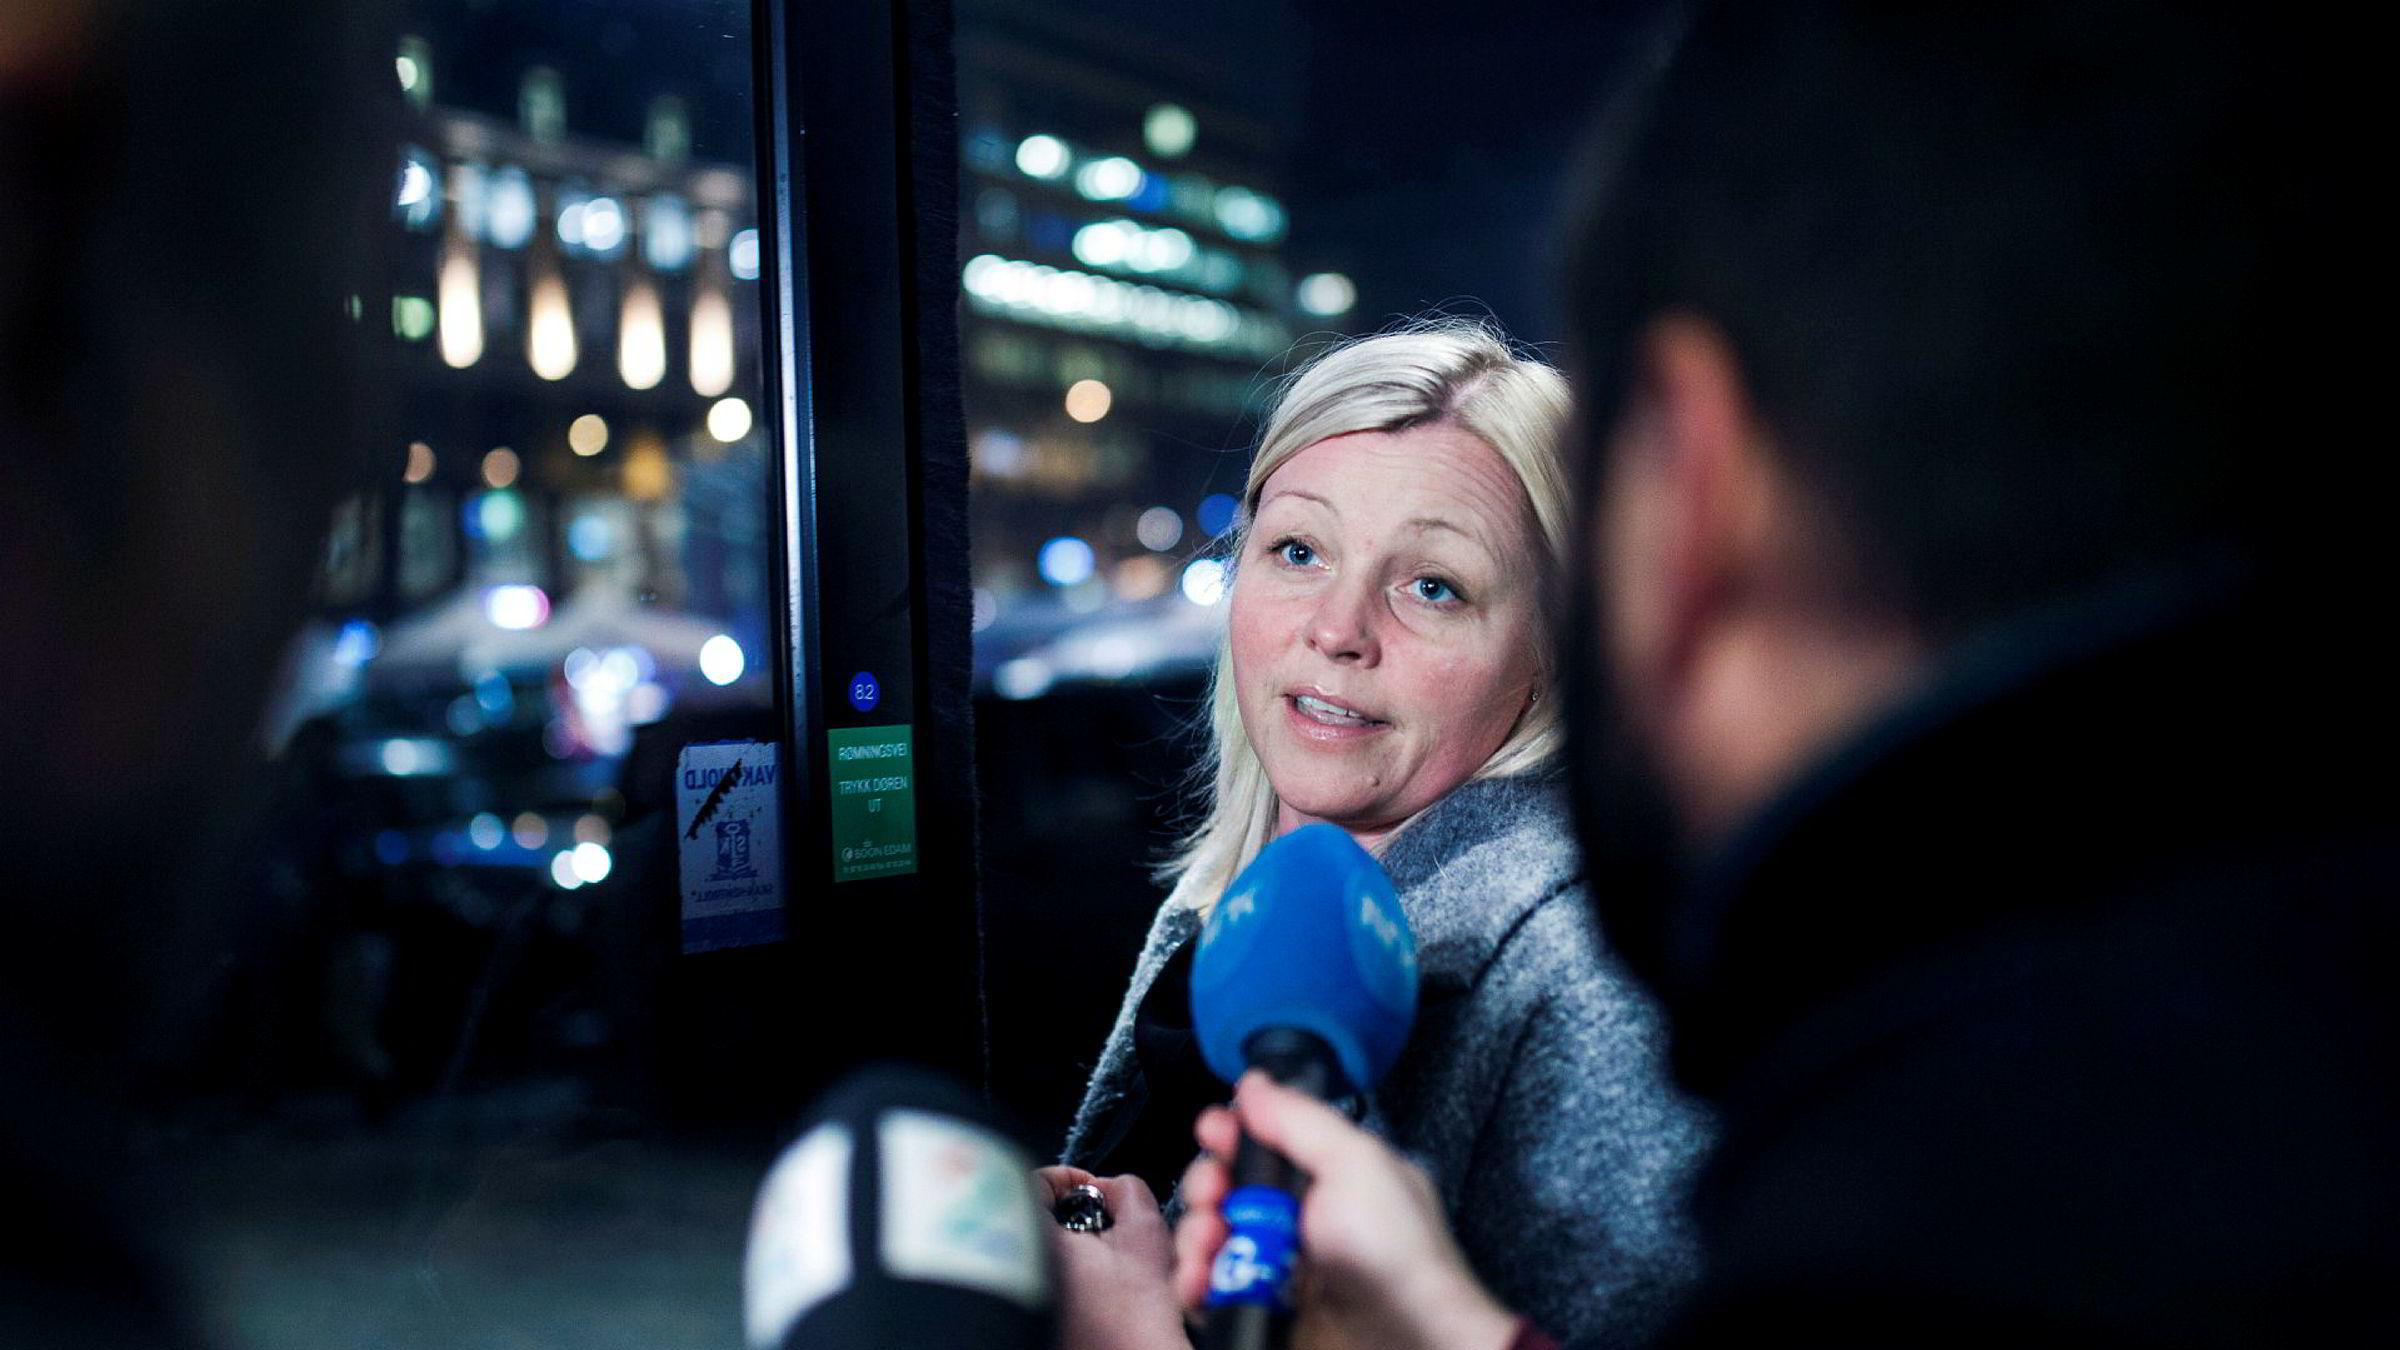 Partisekretær Kjersti Stenseng ba en Ap-kvinne – og senere varsler – skjule sannheten om at det var Trond Giske som hadde invitert henne med på et partiarrangement. Her forlater hun partikontoret ved Youngstorget, men er tyst med pressen.